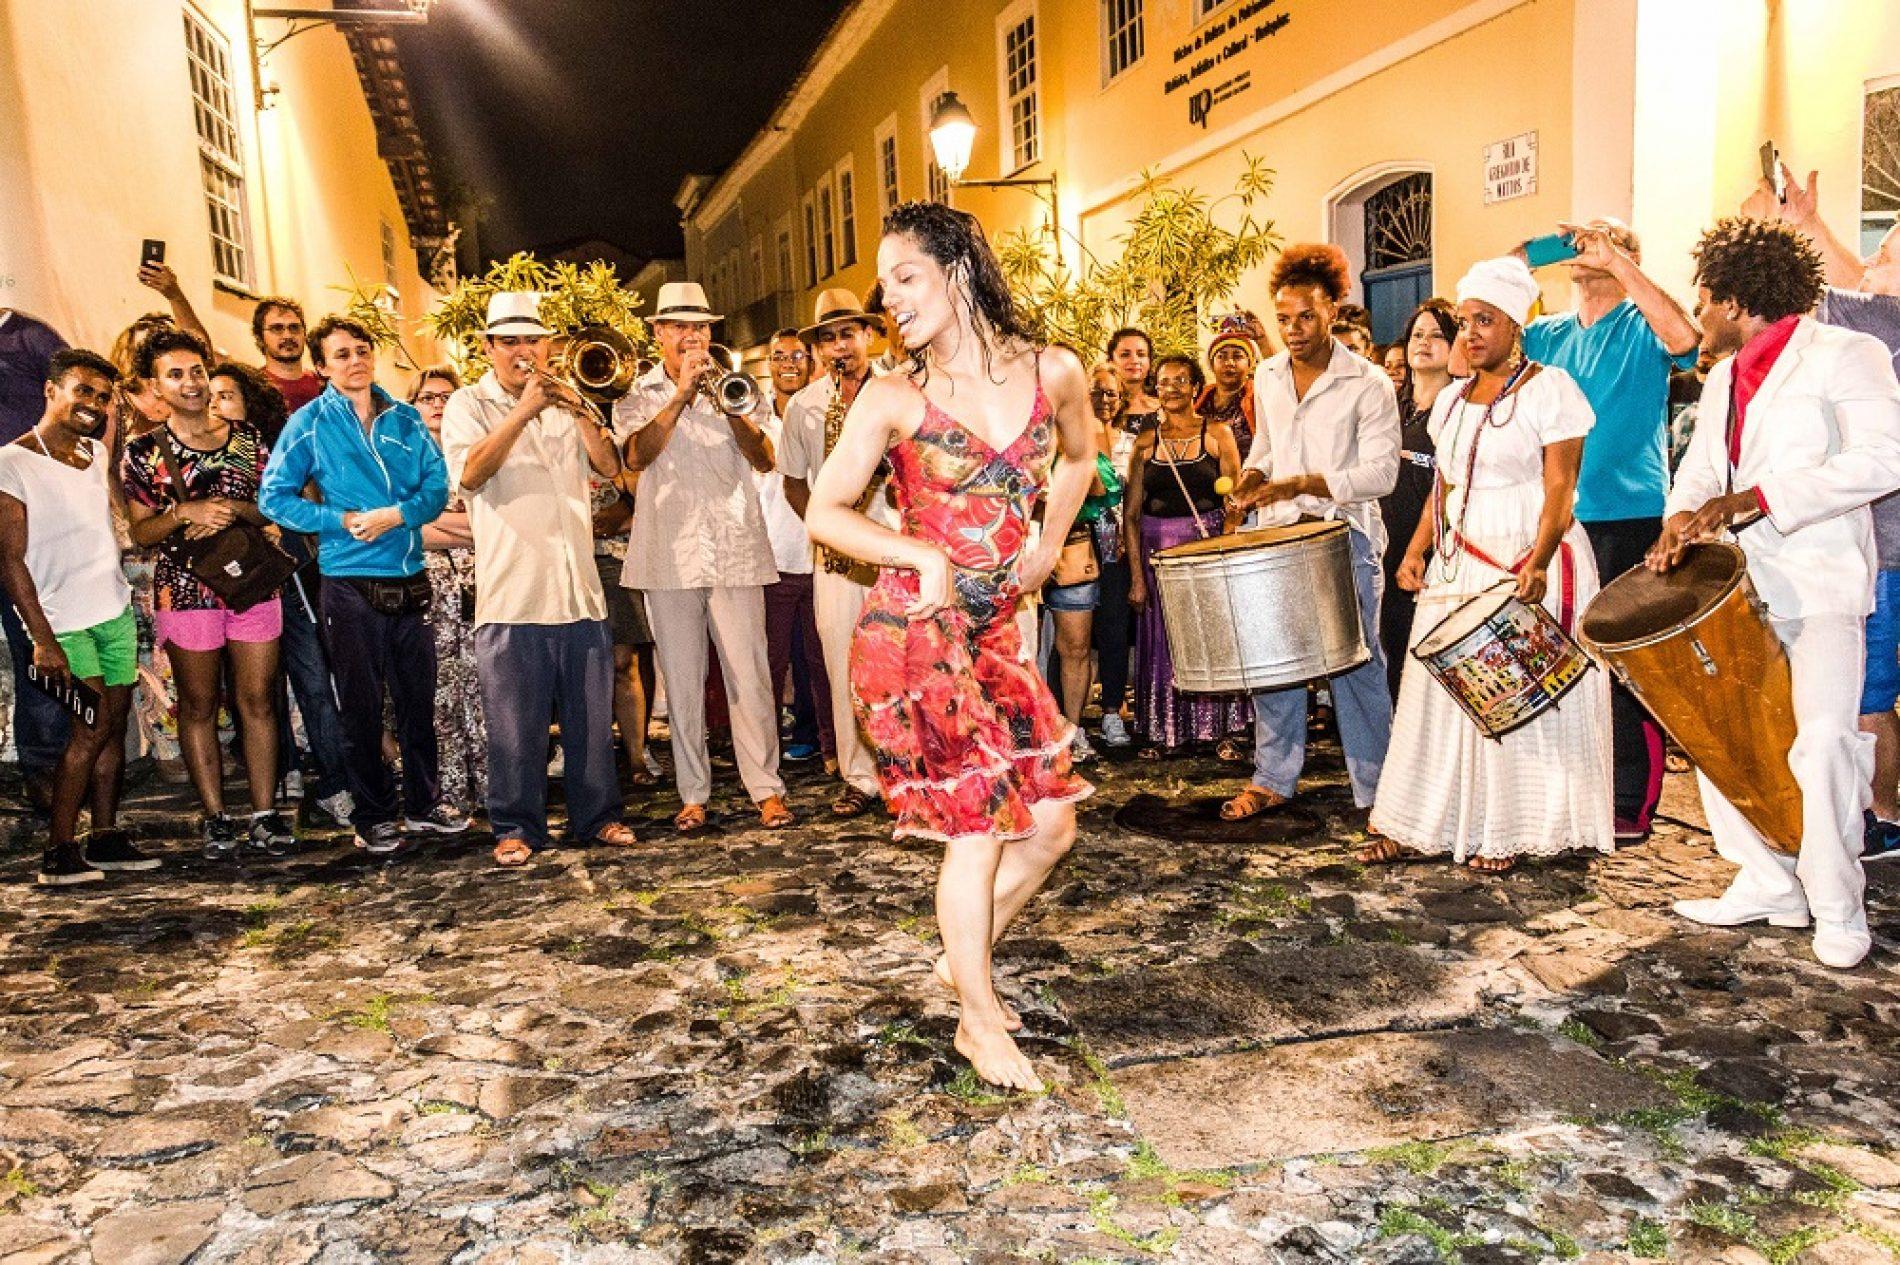 Pelourinho Dia e Noite volta a agitar Centro Histórico neste mês